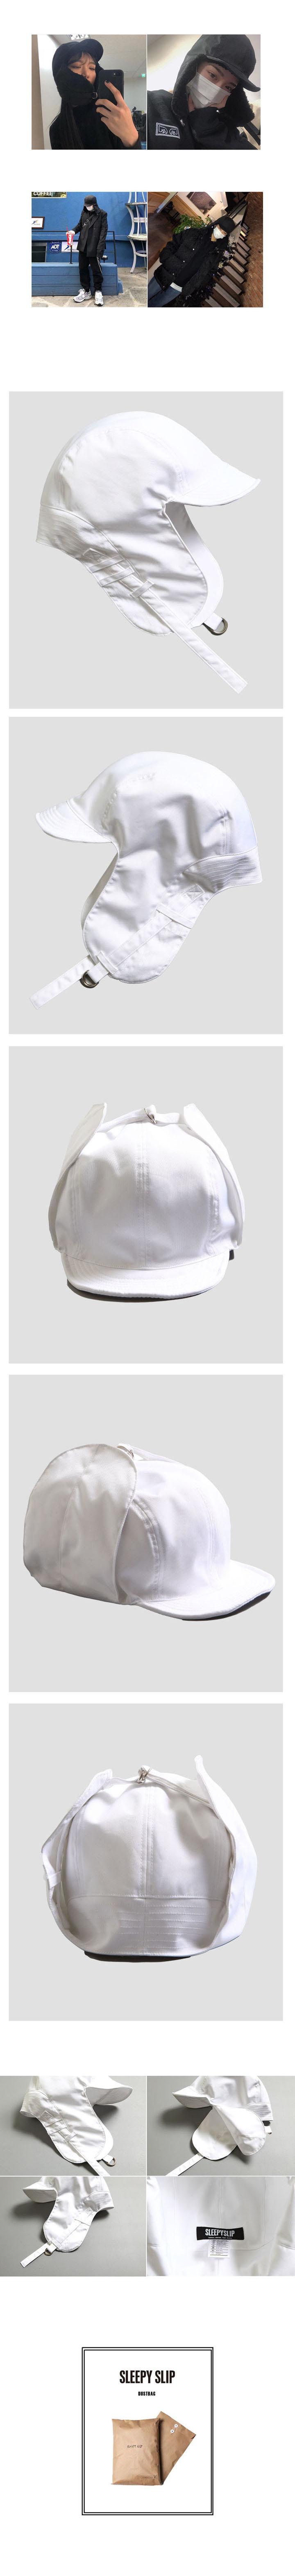 슬리피슬립(SLEEPYSLIP) [unisex]S/S SATIN TROOPER HAT WHITE